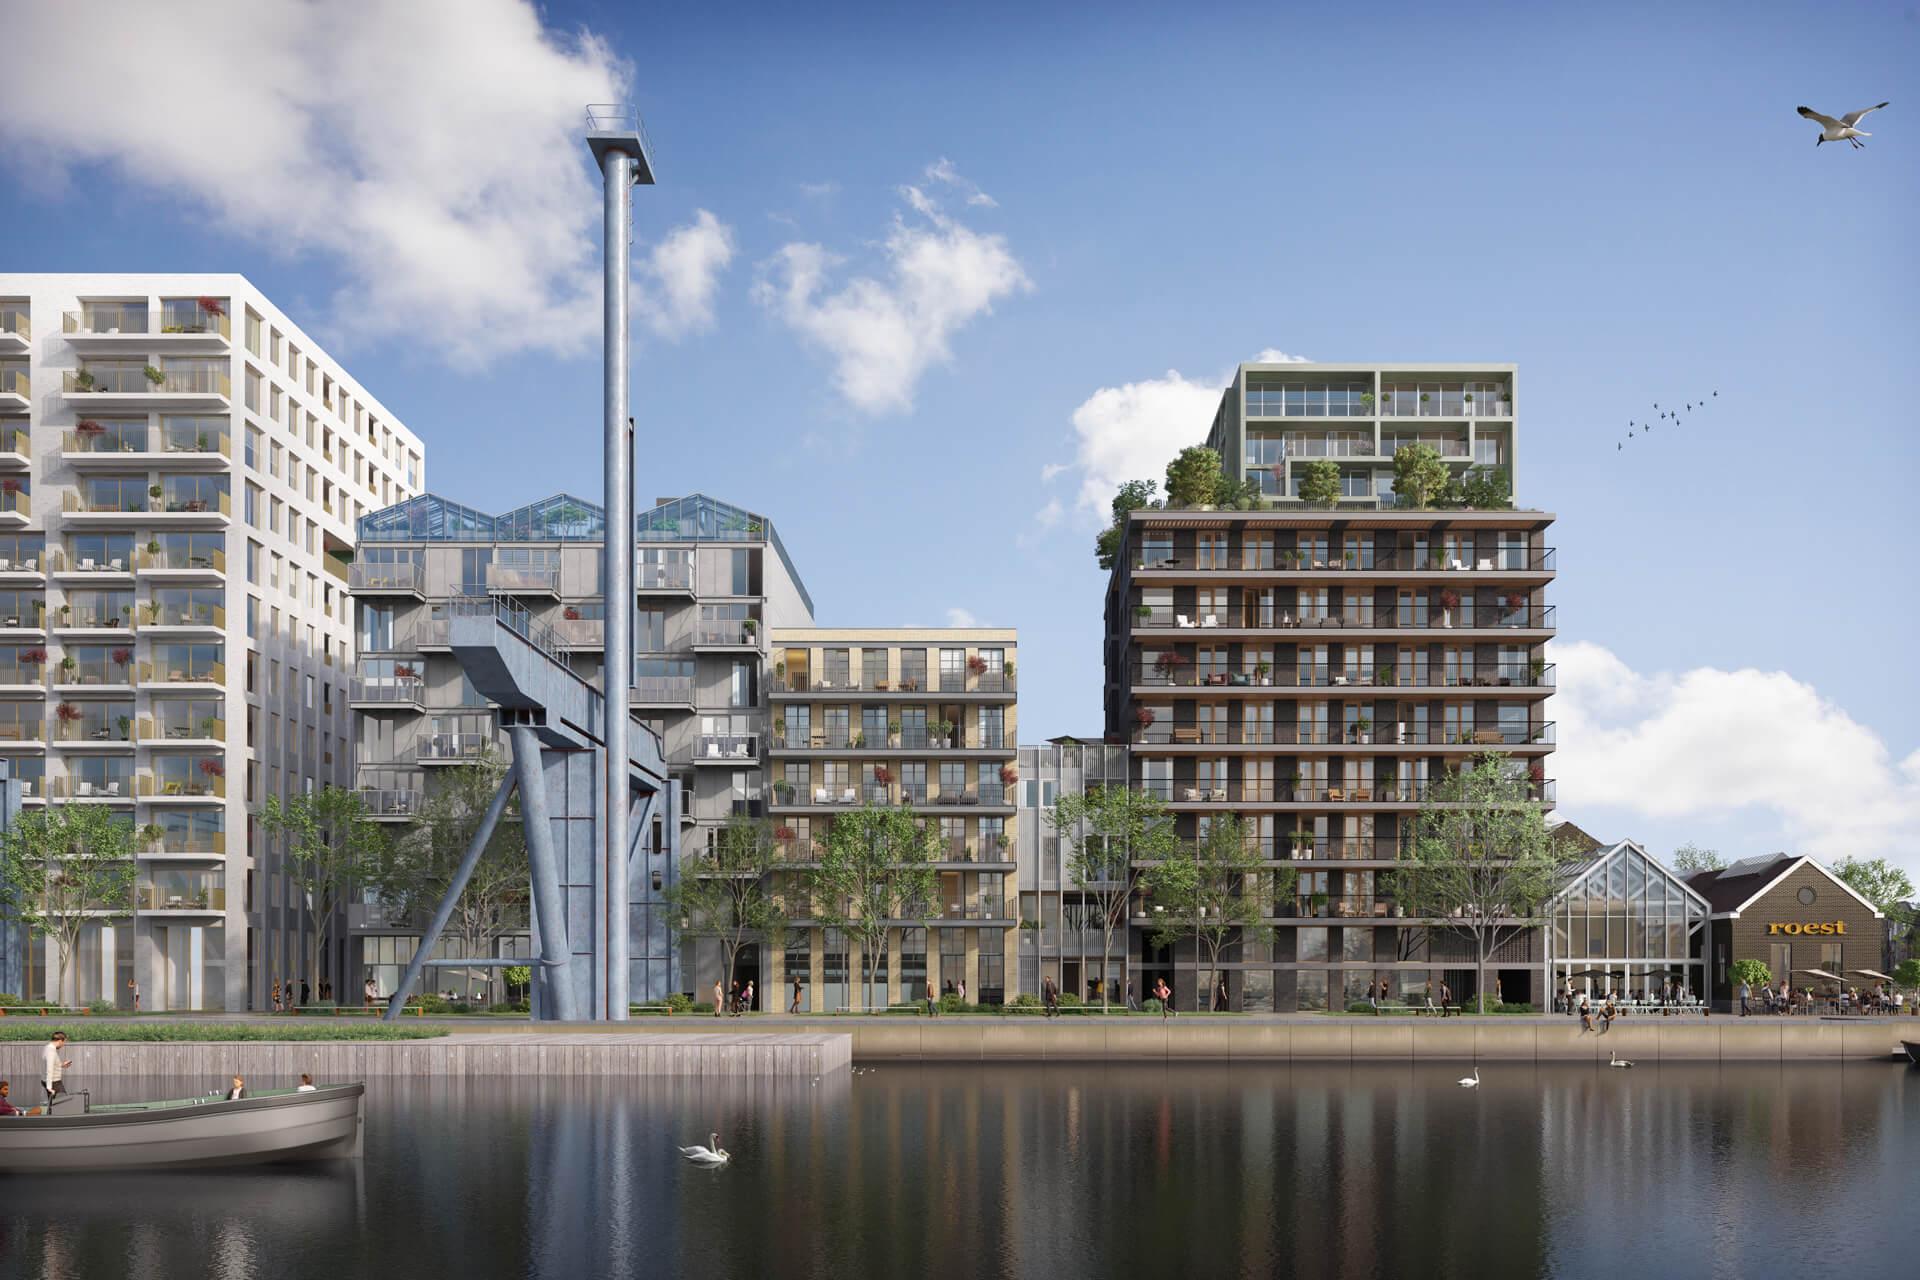 De Hout Oostenburg Amsterdam